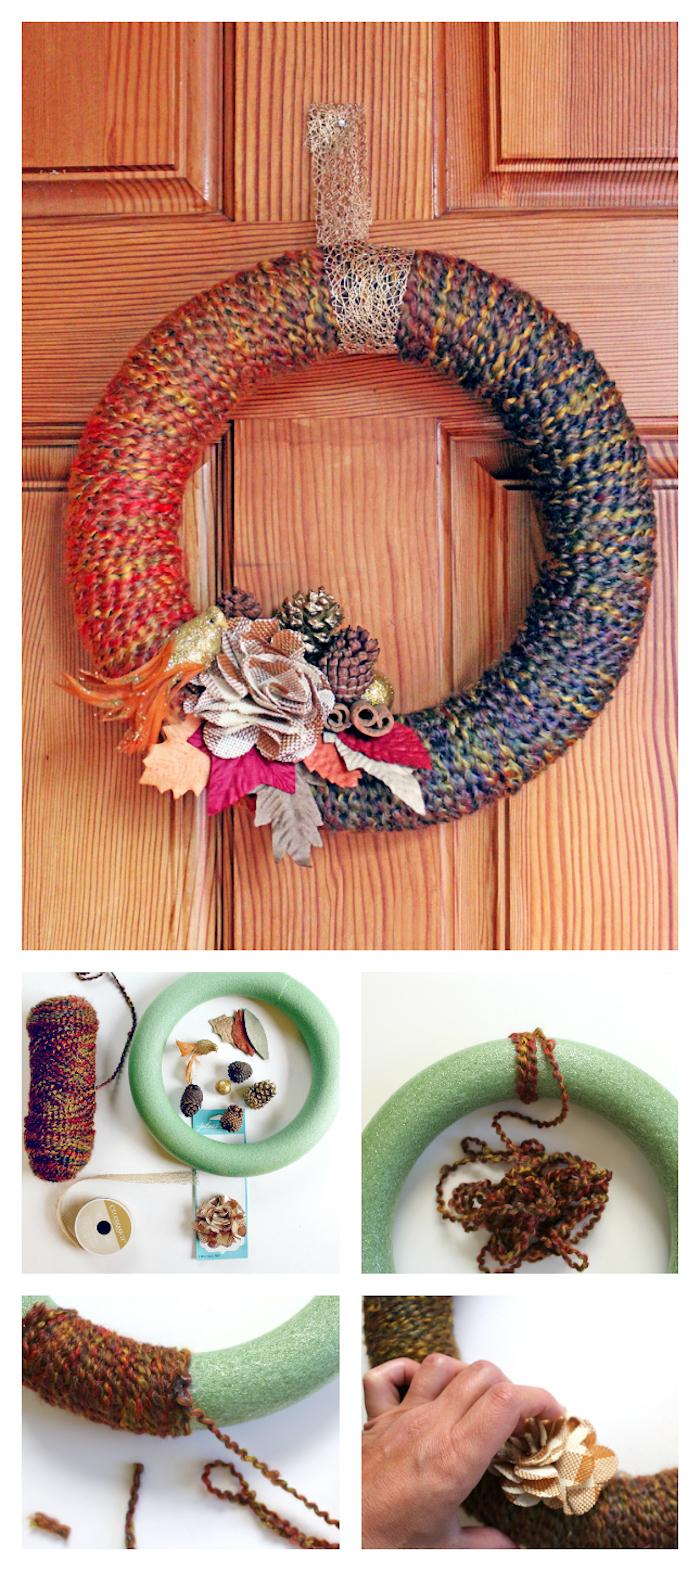 winterdeko basteln, türkranz machen, buntem garn, getrocknete herbstblätter